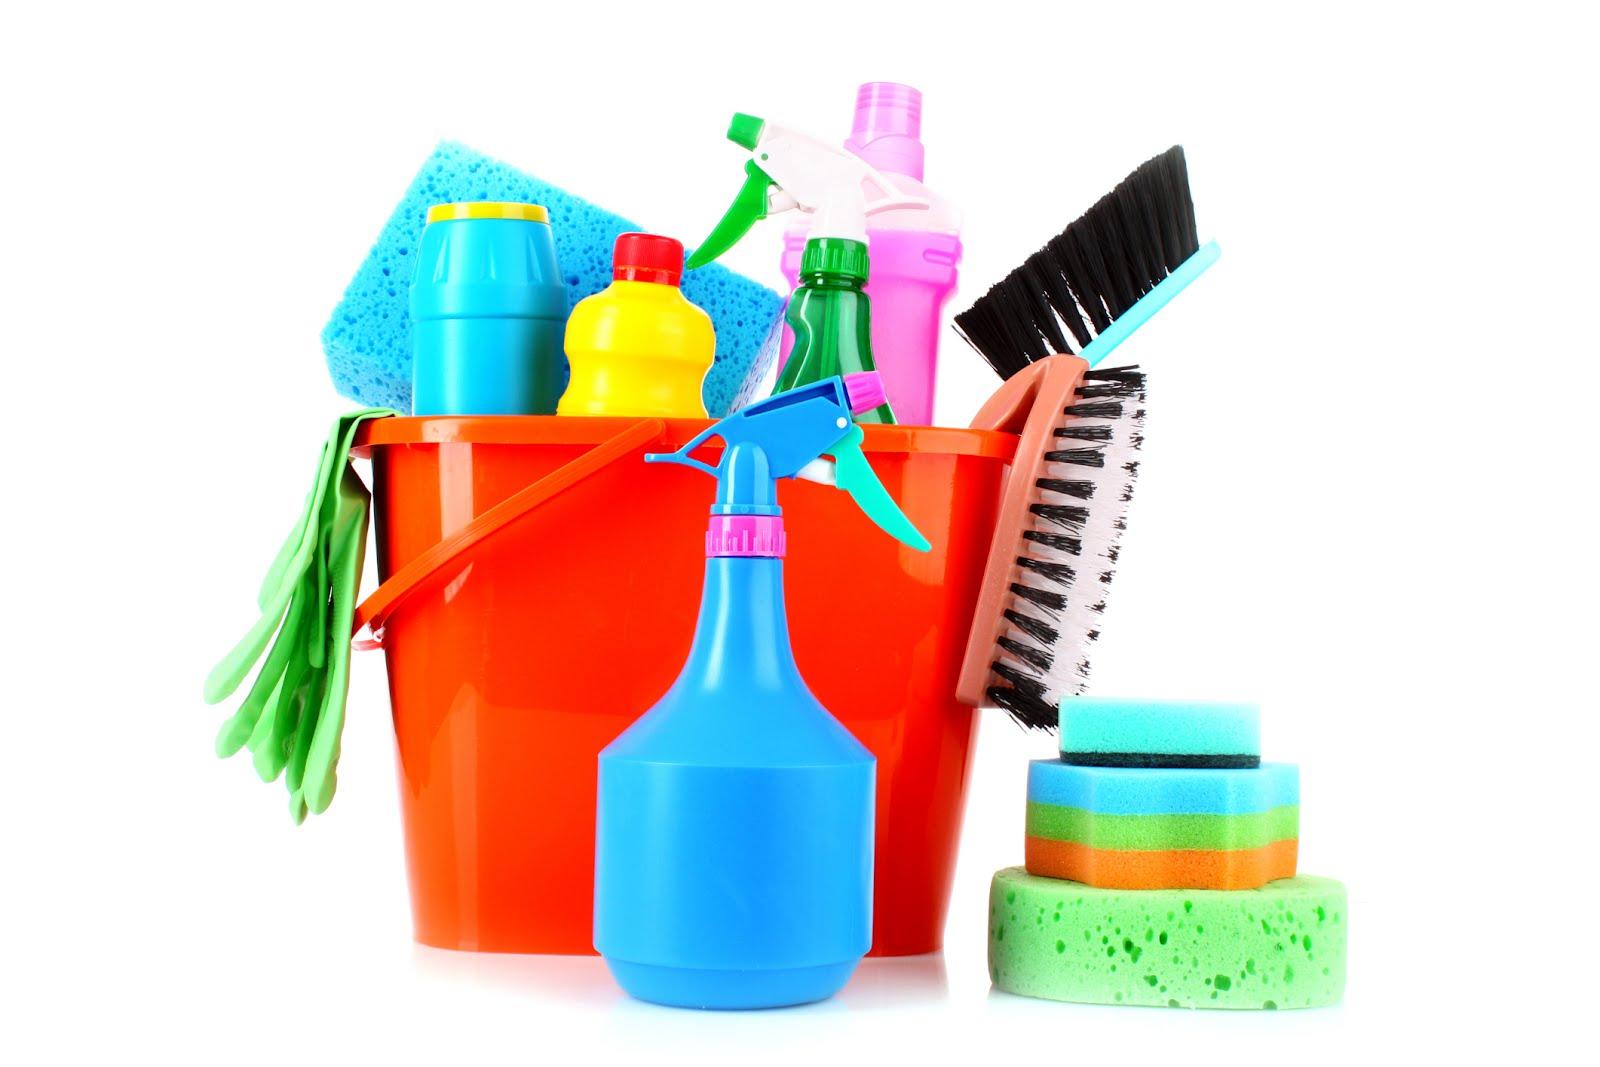 برای تمیز کردن خانه از مواد شوینده به اندازه استفاده کنید